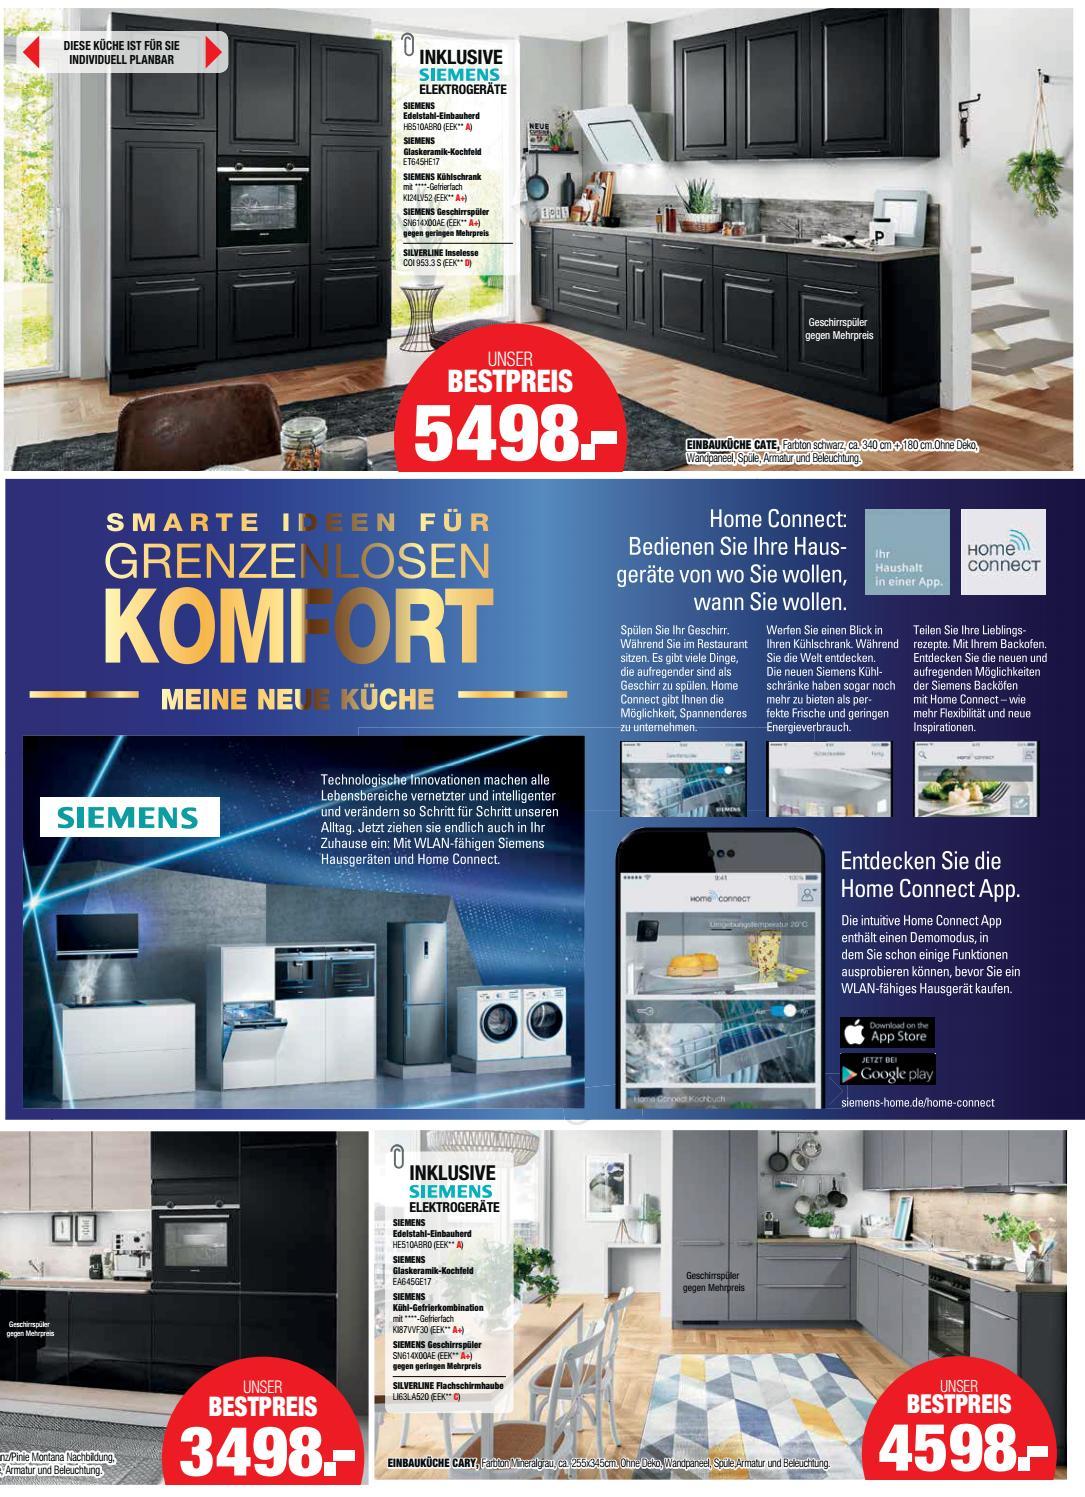 Prospekt Trend Möbel Küchen März 2018 By Märkische Onlinezeitung   Issuu